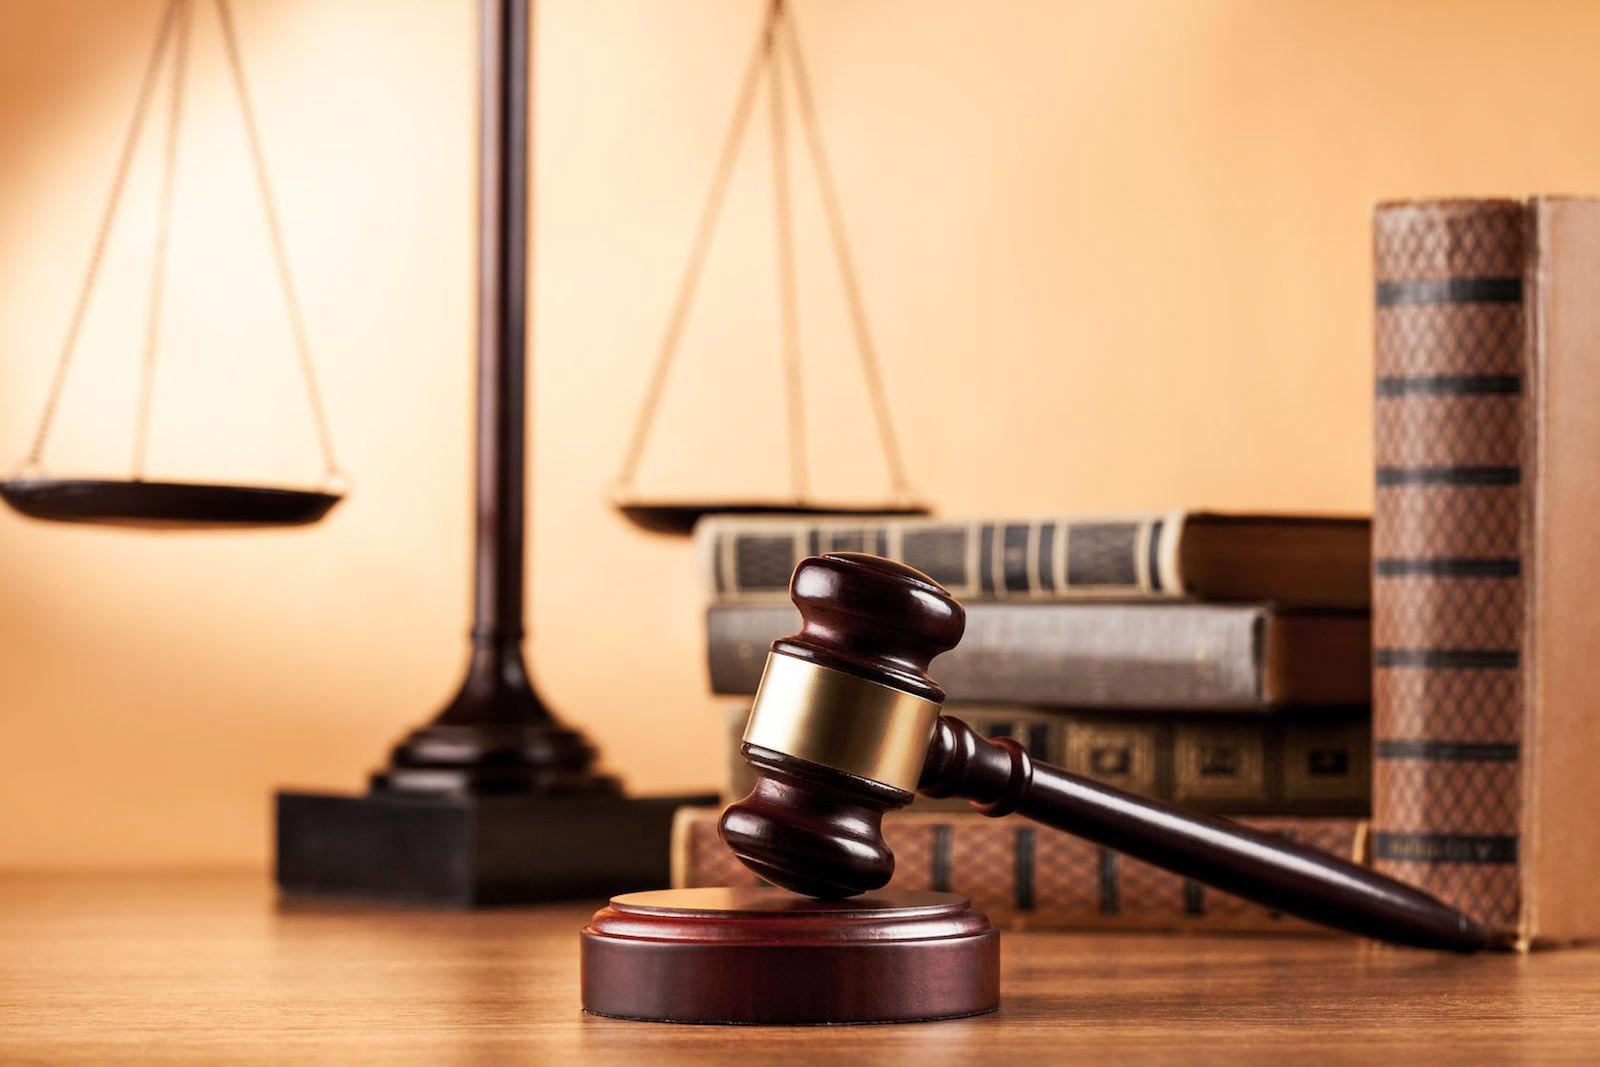 d43609d79 Spustili sme webovú stránku Za dobrú voľbu členov Súdnej rady SR ...